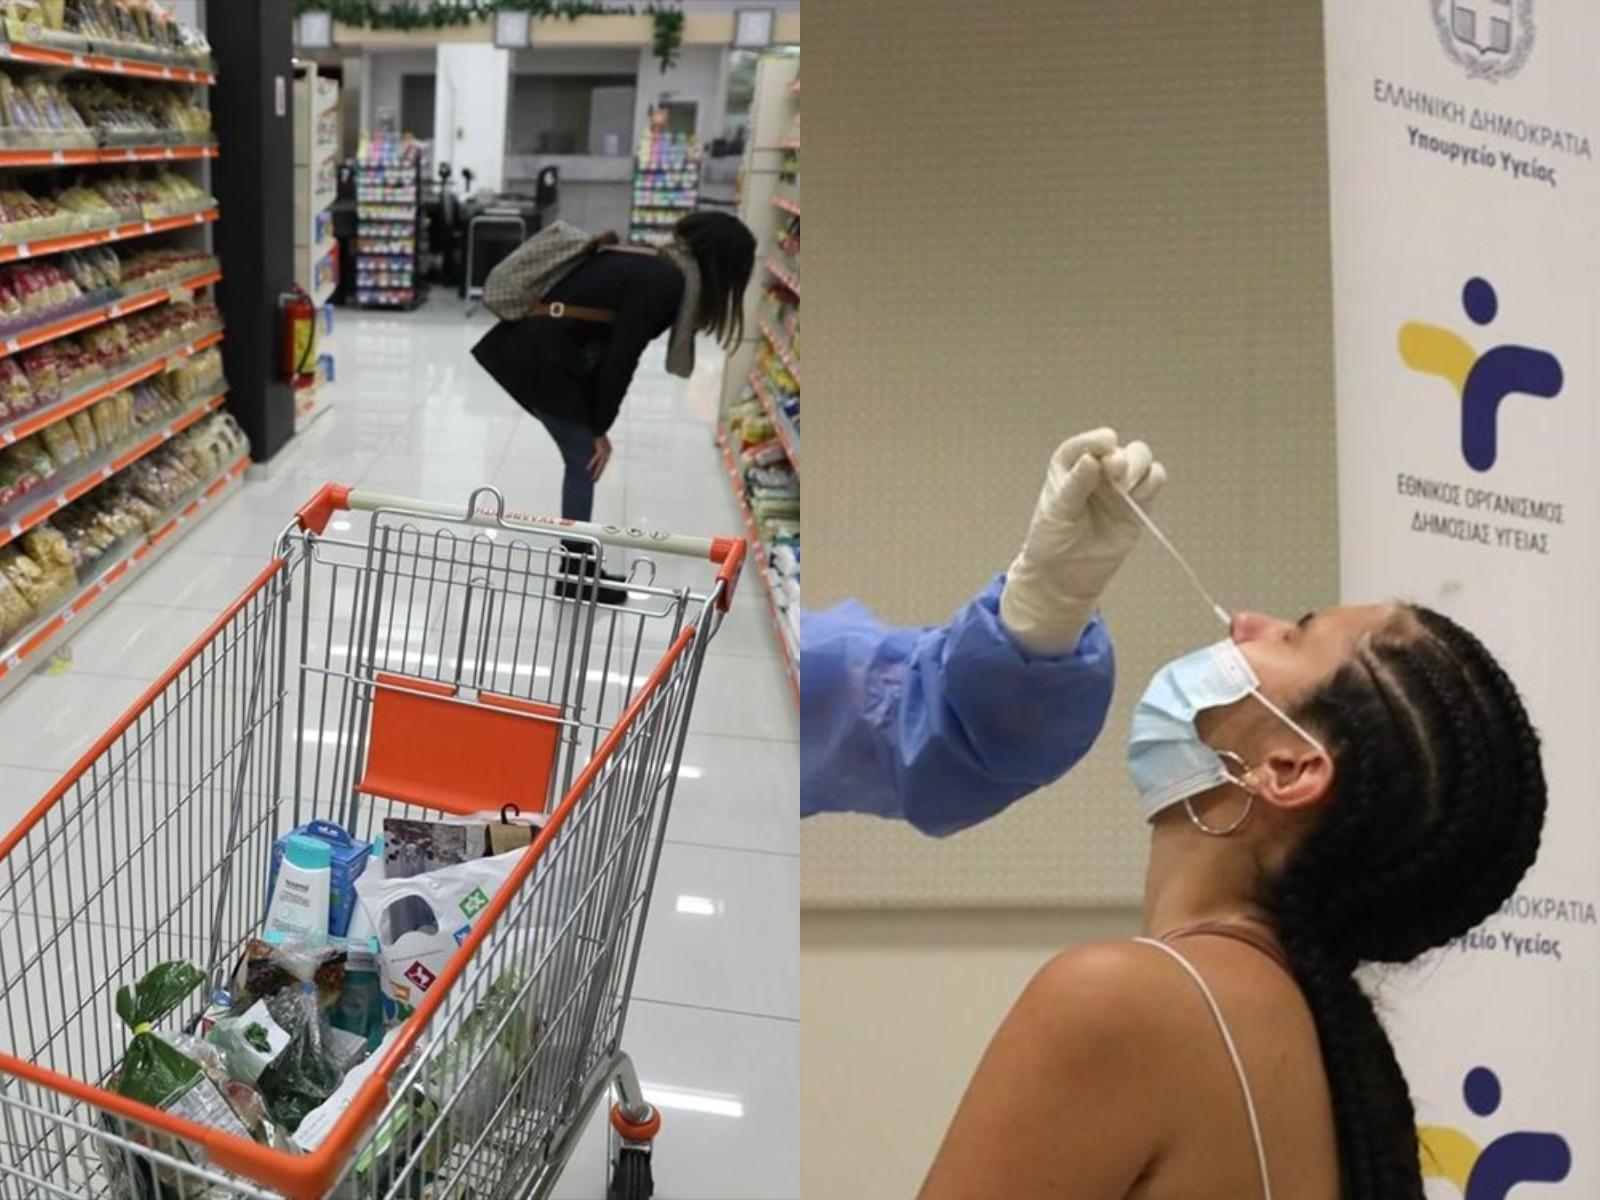 Ανεμβολίαστοι: Σούπερ μάρκετ με rapid test ή μοριακό